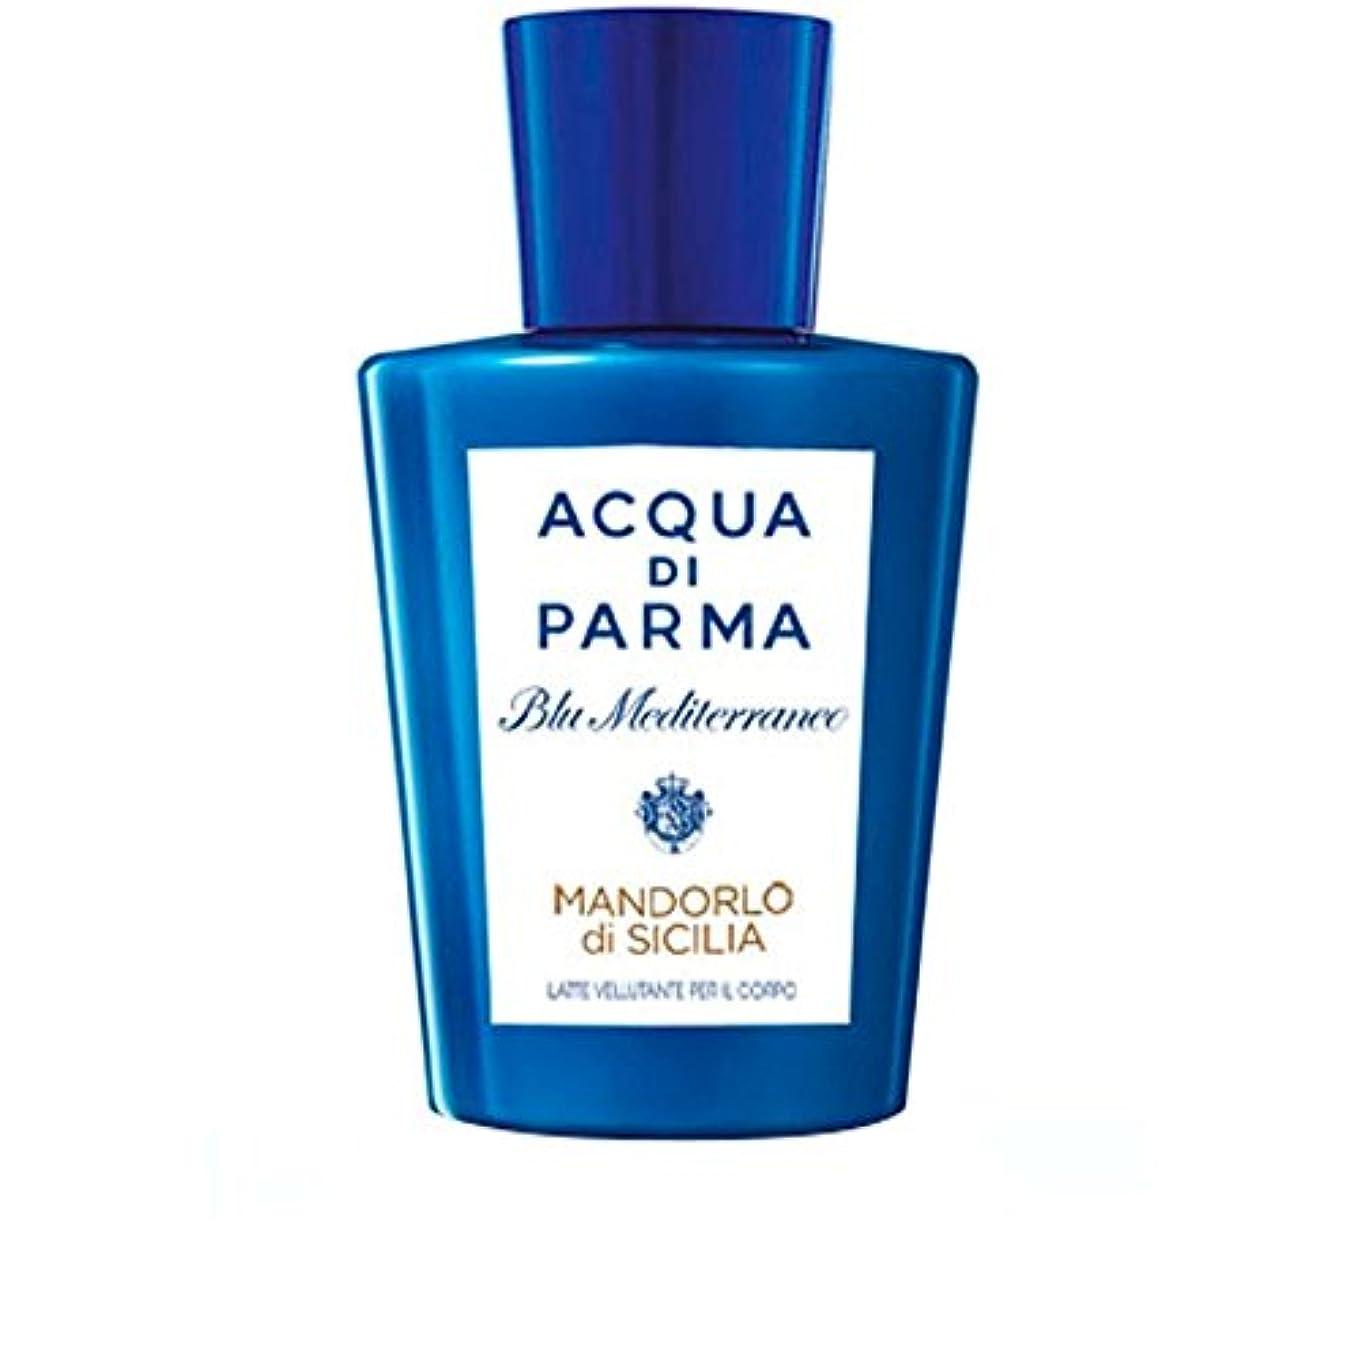 塩辛い意識スリップシューズAcqua Di Parma Mandorlo Di Sicilia Pampering Body Lotion 200ml (Pack of 6) - アクアディパルママンドルロ?ディ?シチリア至福のボディローション200...